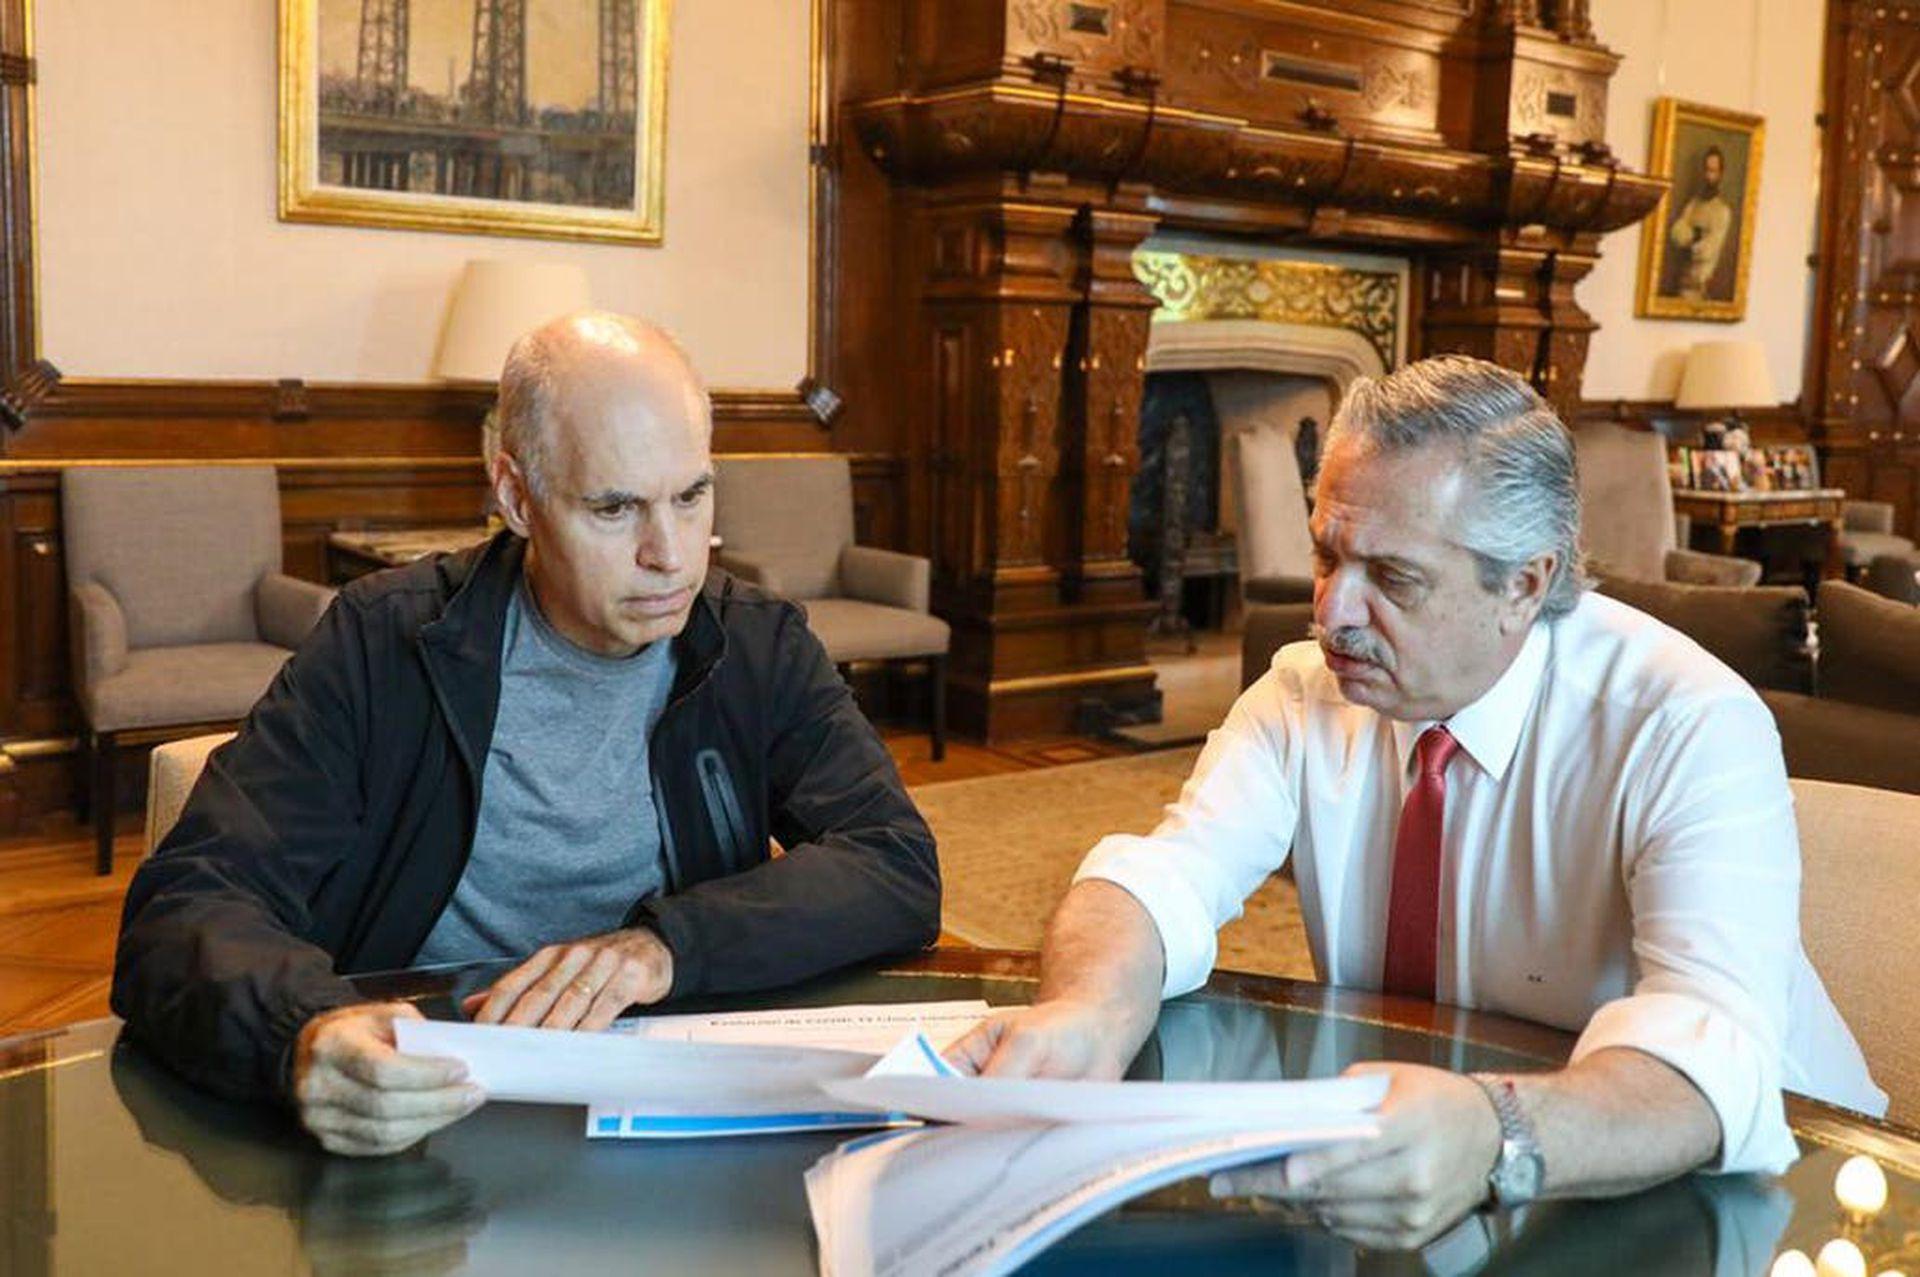 El Presidente y Larreta evalúan estrategias para afrontar la pandemia